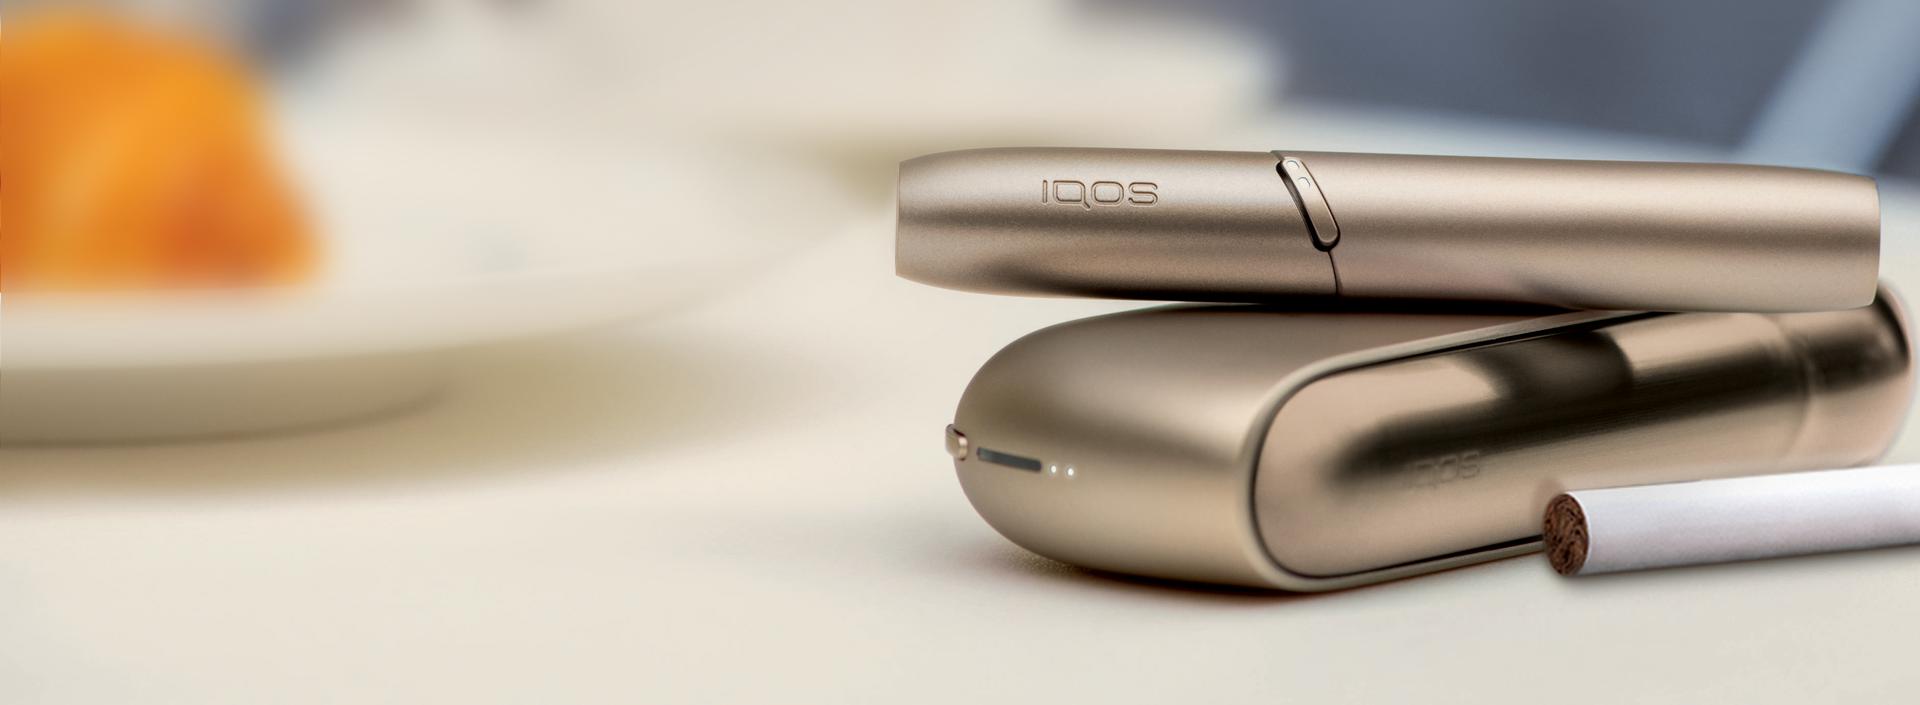 IQOS 3 DUO in Brilliant Gold